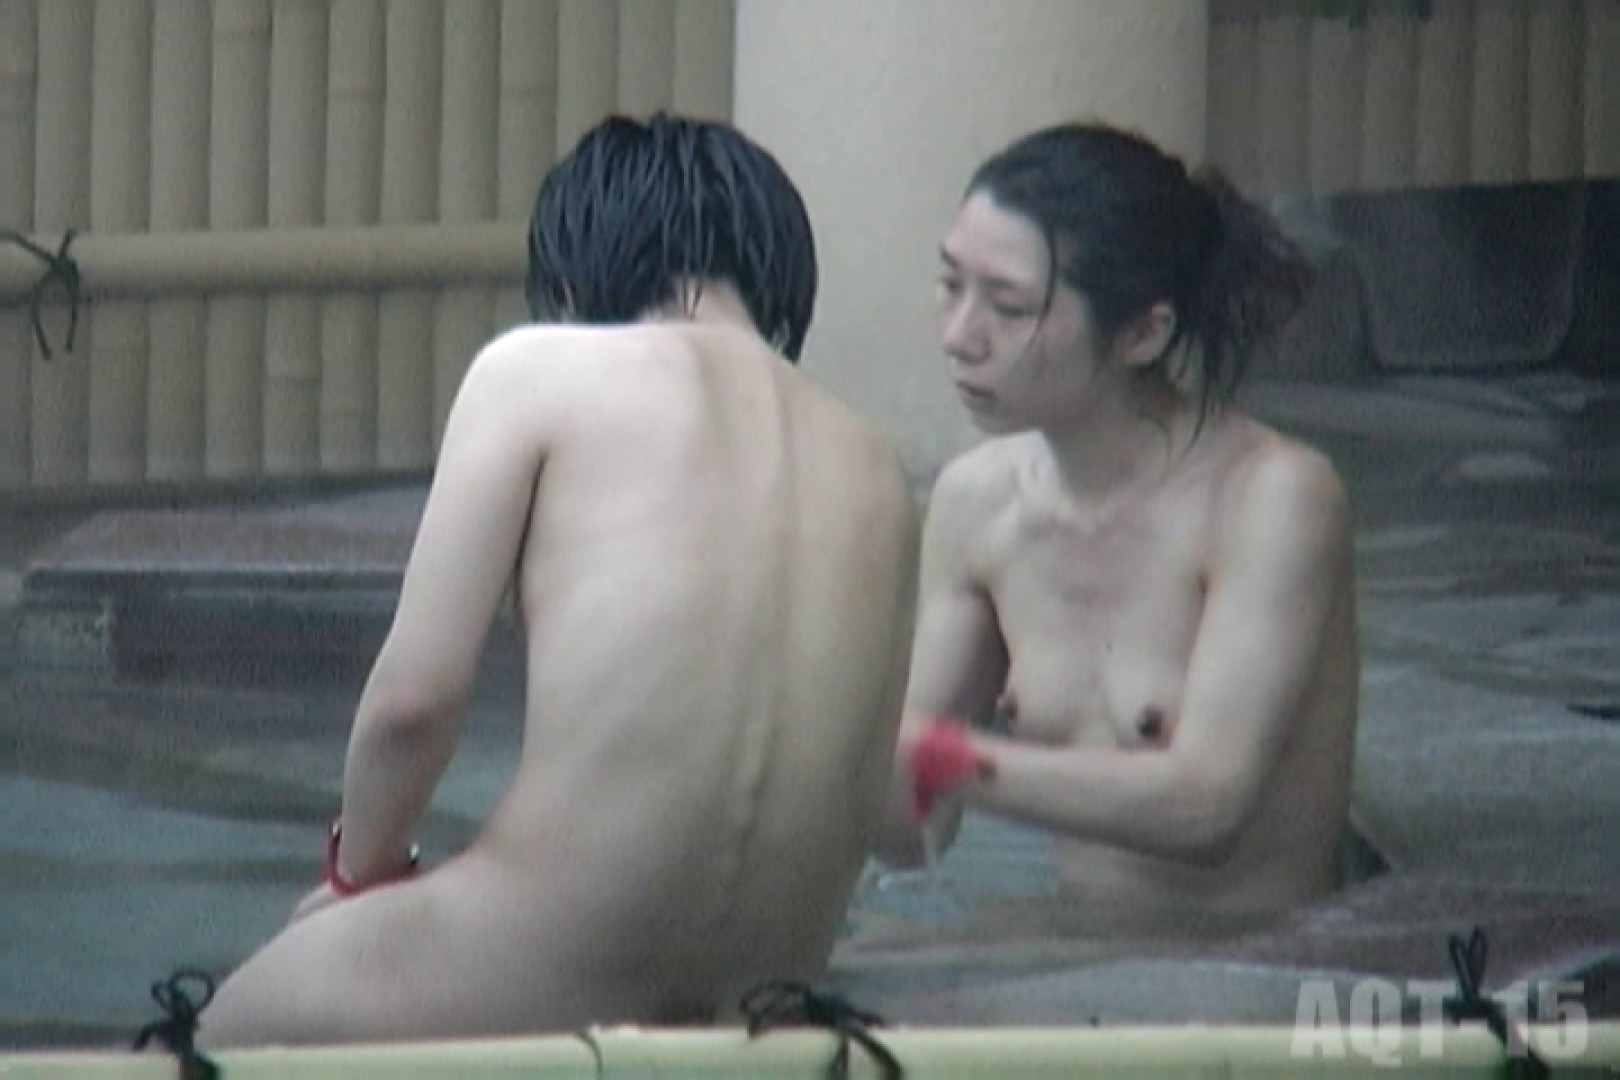 Aquaな露天風呂Vol.837 露天風呂 | 盗撮動画  11枚 11